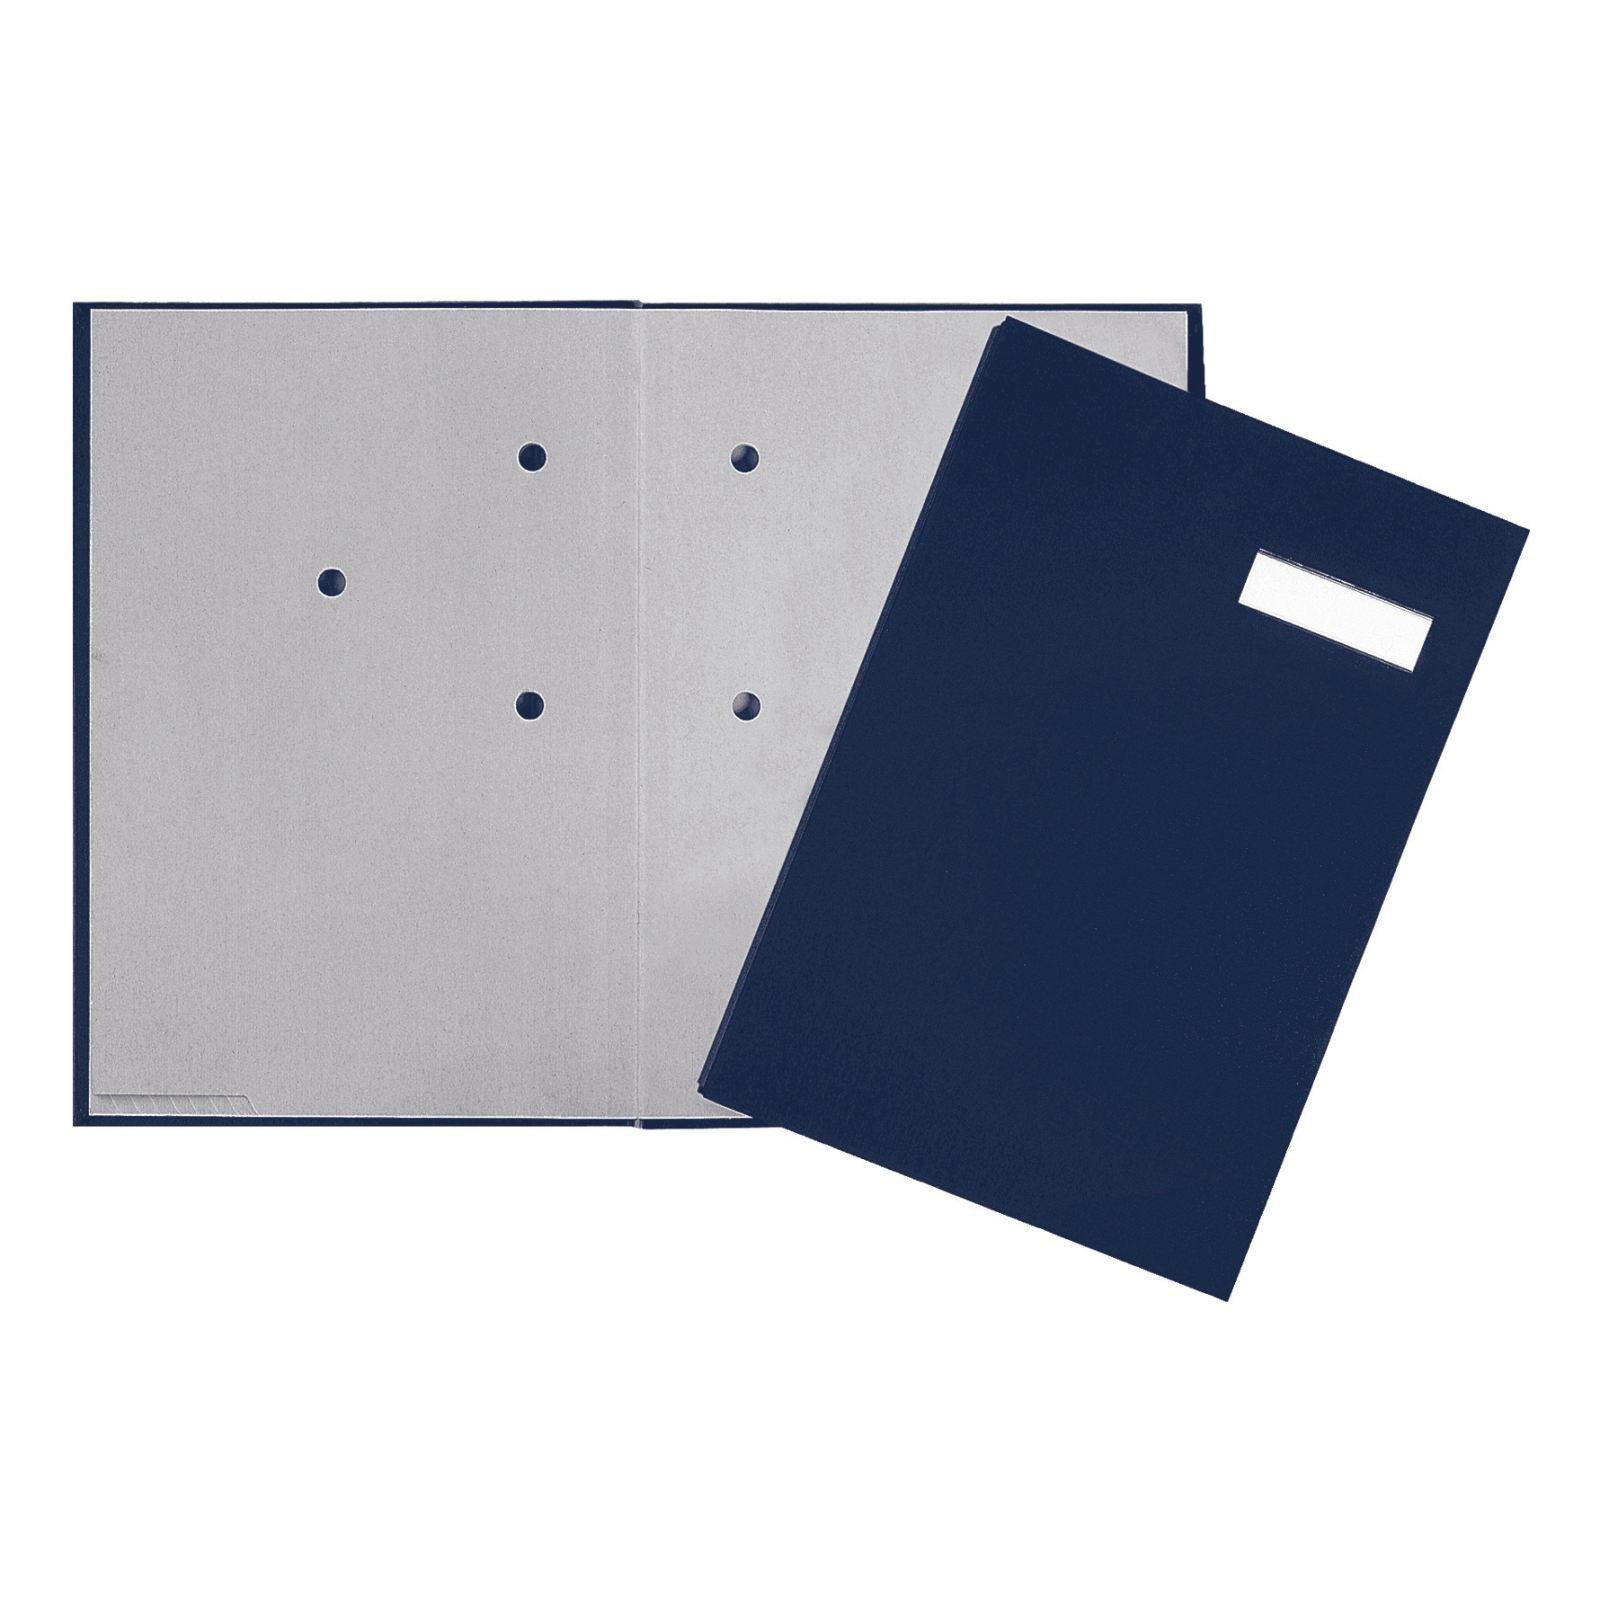 Pagna Unterschriftsmappe 20 Fächer - A4 - Karton - Blau - Weiß - Porträt - 240 mm - 25 mm